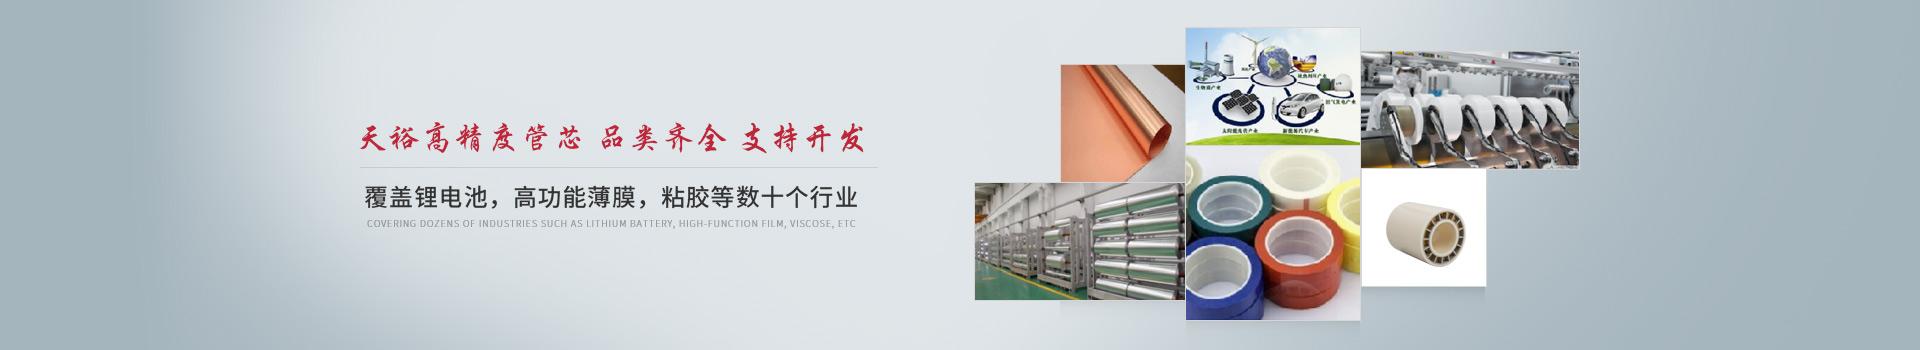 天裕高精度管芯,品类齐全,支持开发,覆盖锂电池、高功能薄膜、粘胶等数十个行业